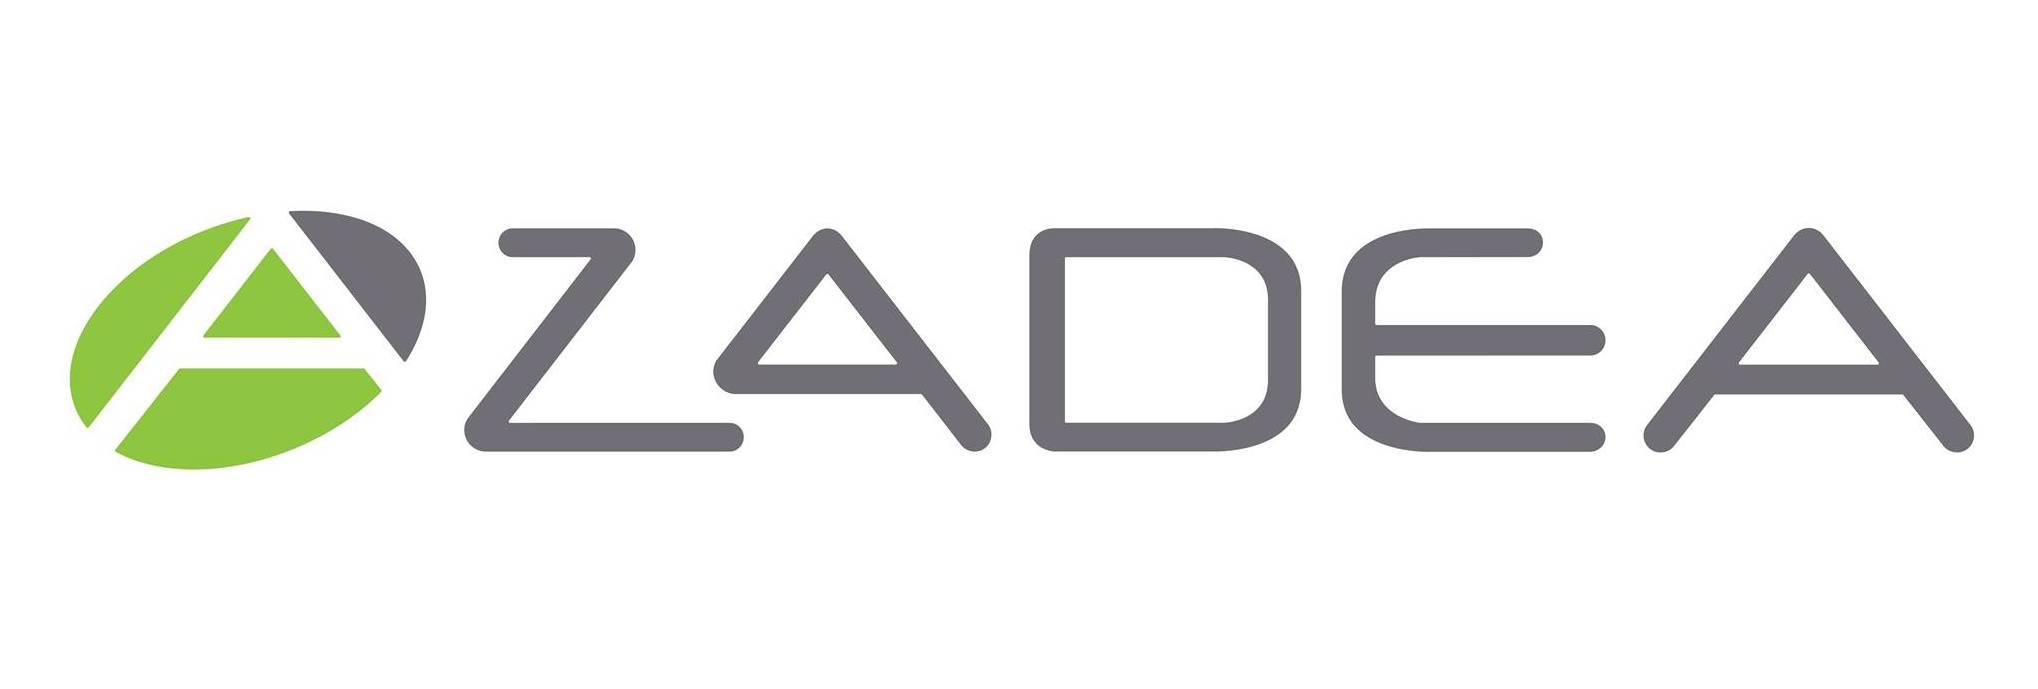 azadea-logo.jpg